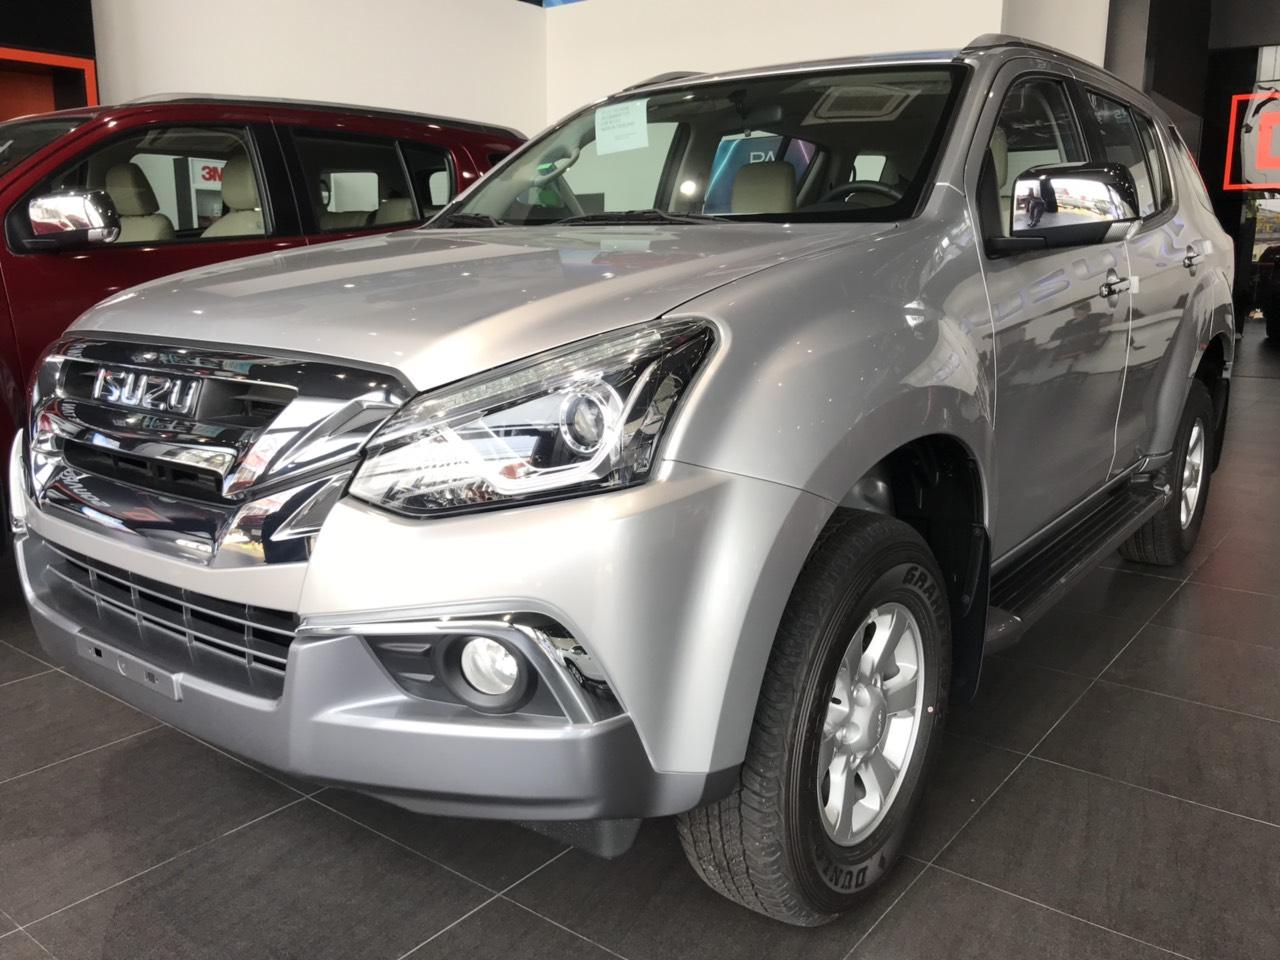 Cập nhật ✅ Bảng giá xe Isuzu 2020 mới nhất tại Việt Nam ✅ Giá xe Isuzu MU-X, D-MAX AT, MT... tháng 04 năm 2020.